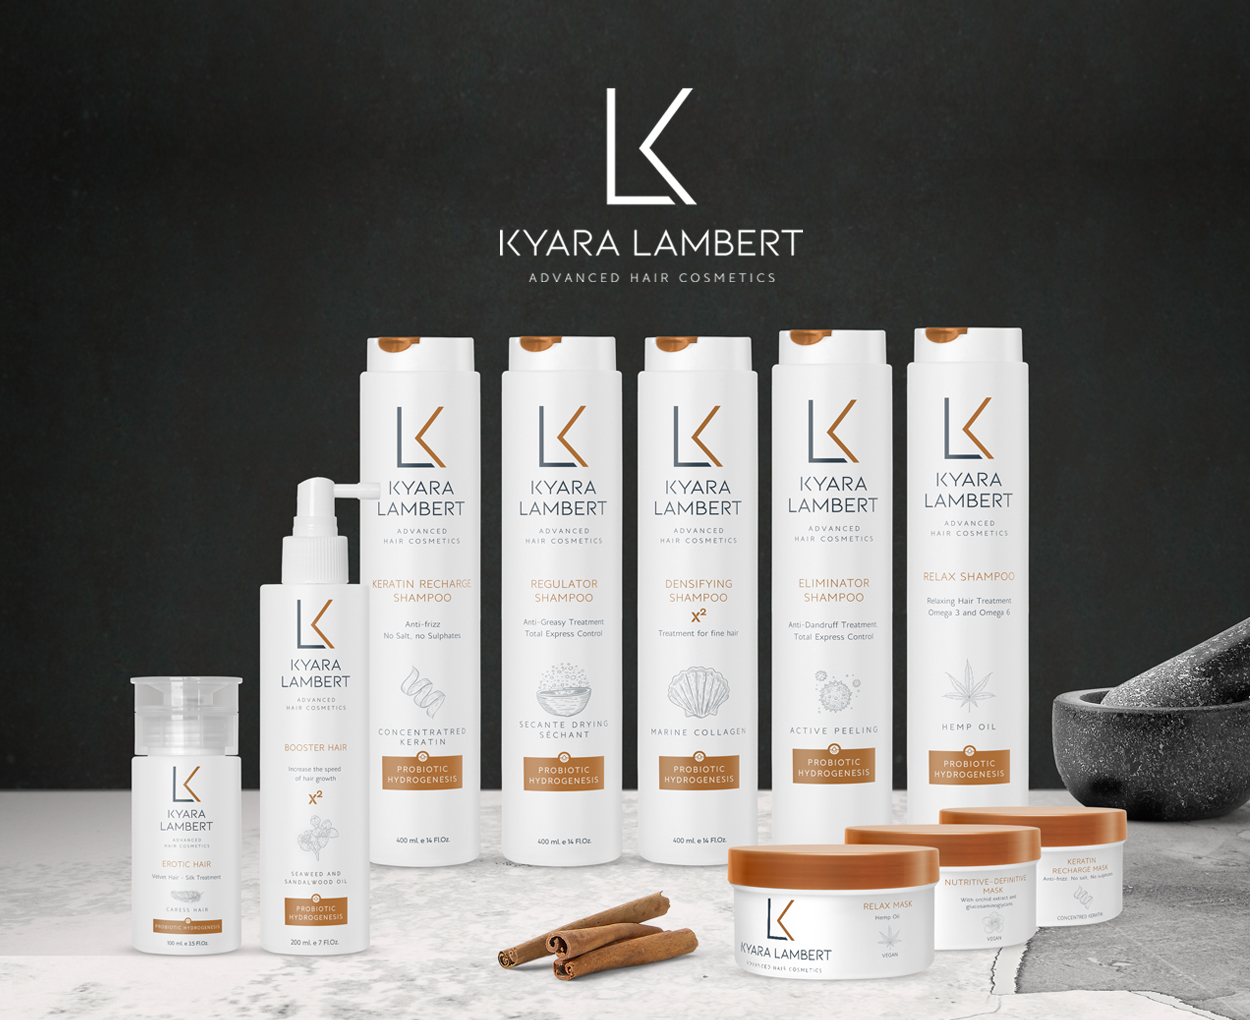 Branding para la marca de Shampoos, mascarillas y tratamientos capilares Kyara Lambert. Posicionamiento estratégico de marca, creación de propuesta de valor, comunicación de producto y packaging